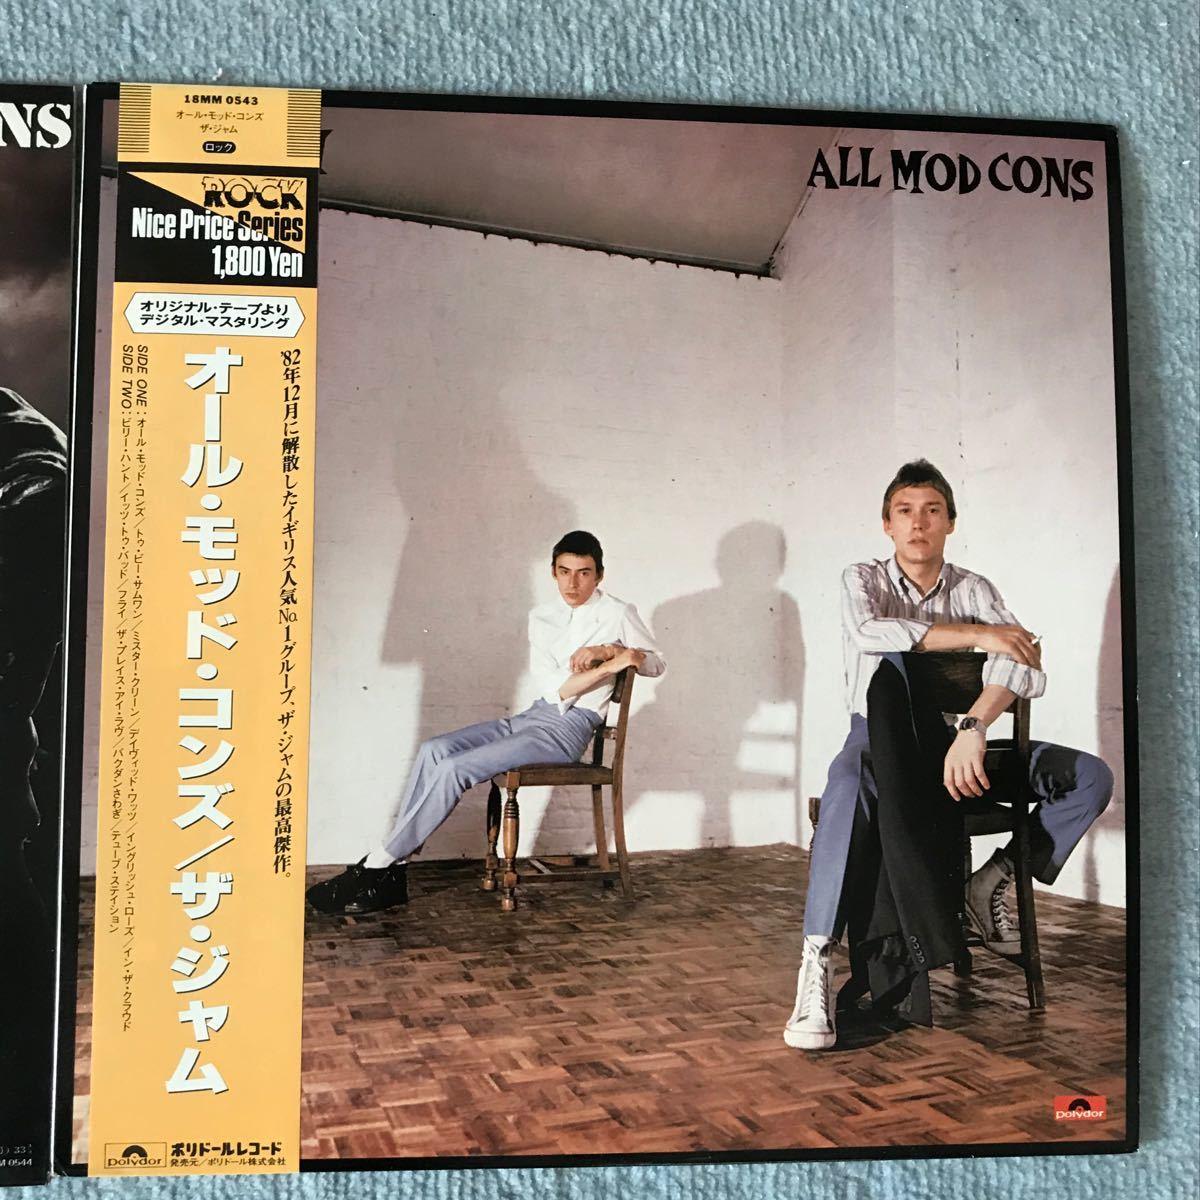 国内盤 The Jam ザ・ジャム LP レコード 8枚 シングル盤5枚 計13枚セット